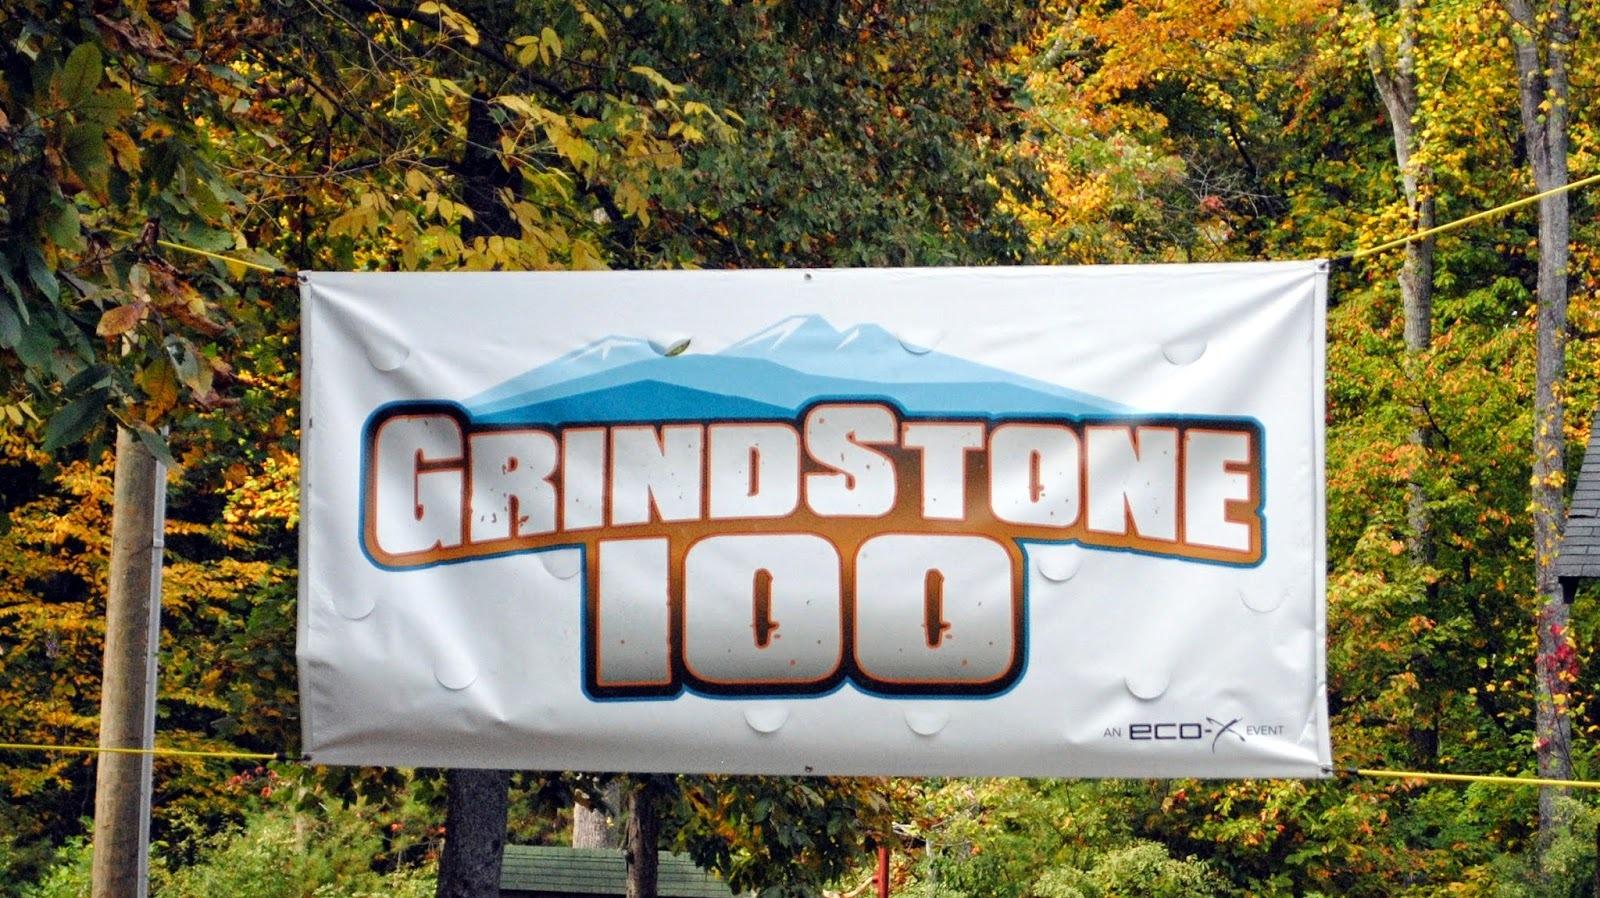 Grindstone 100 - aka Mudfest...